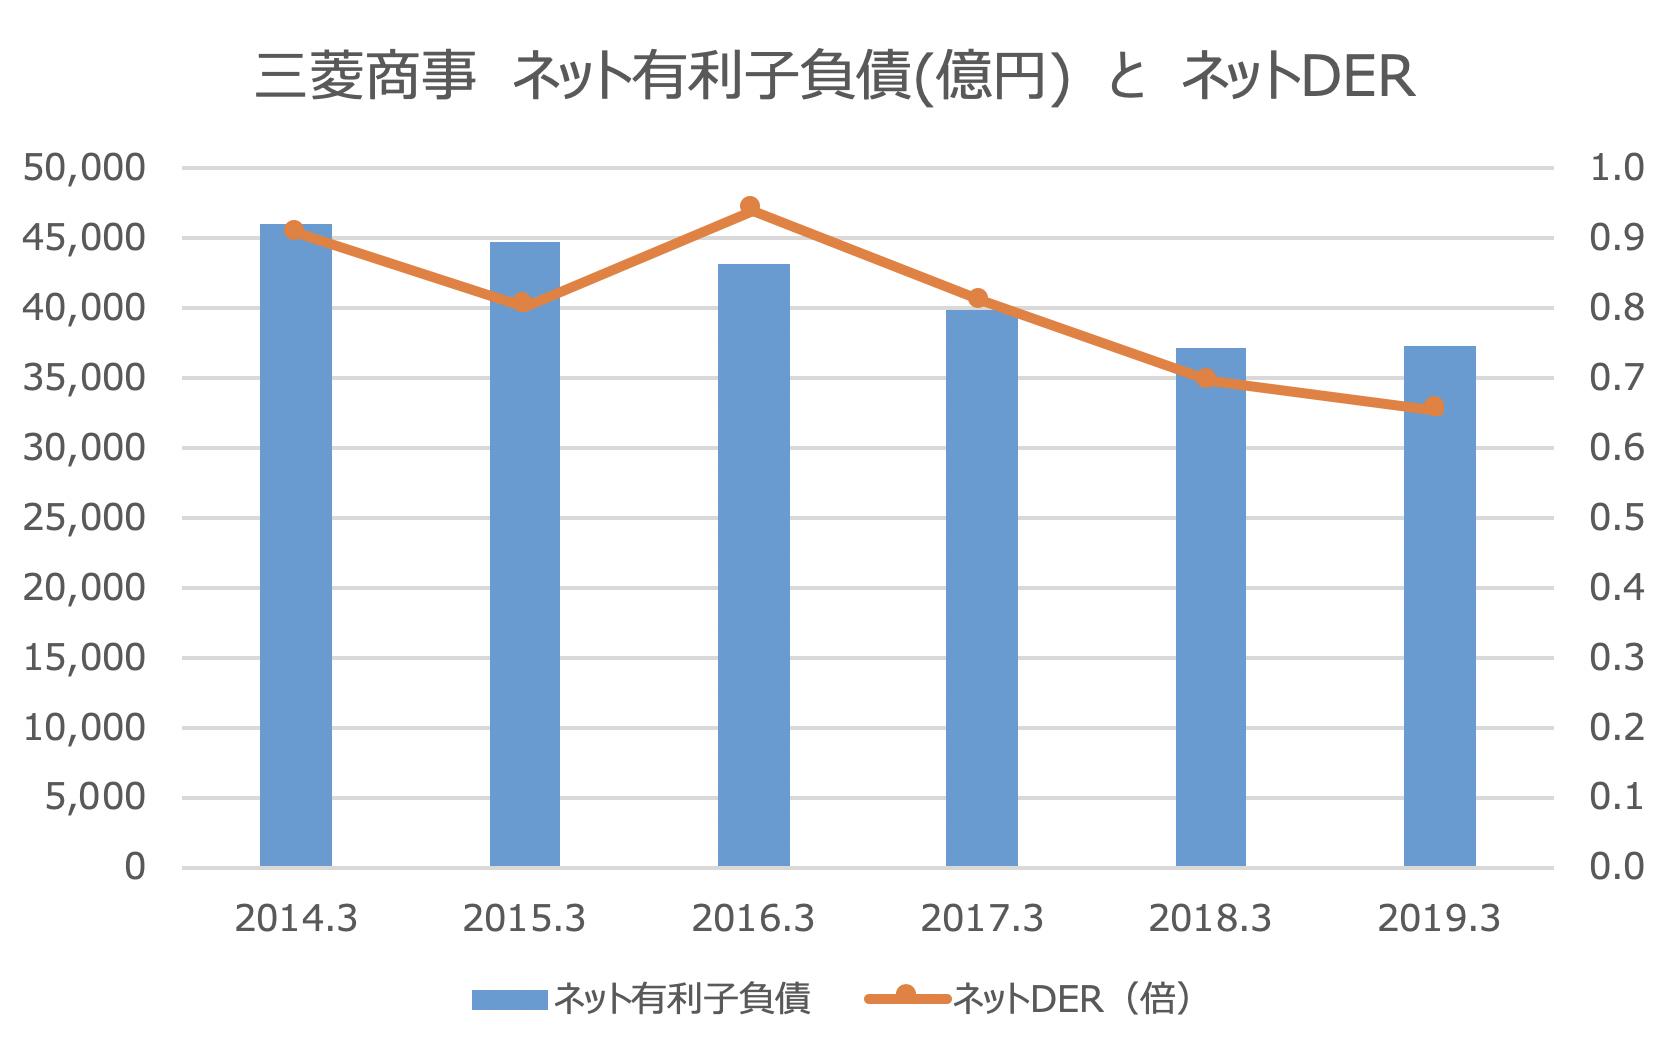 三菱商事 ネット有利子負債(億円) と ネットDER